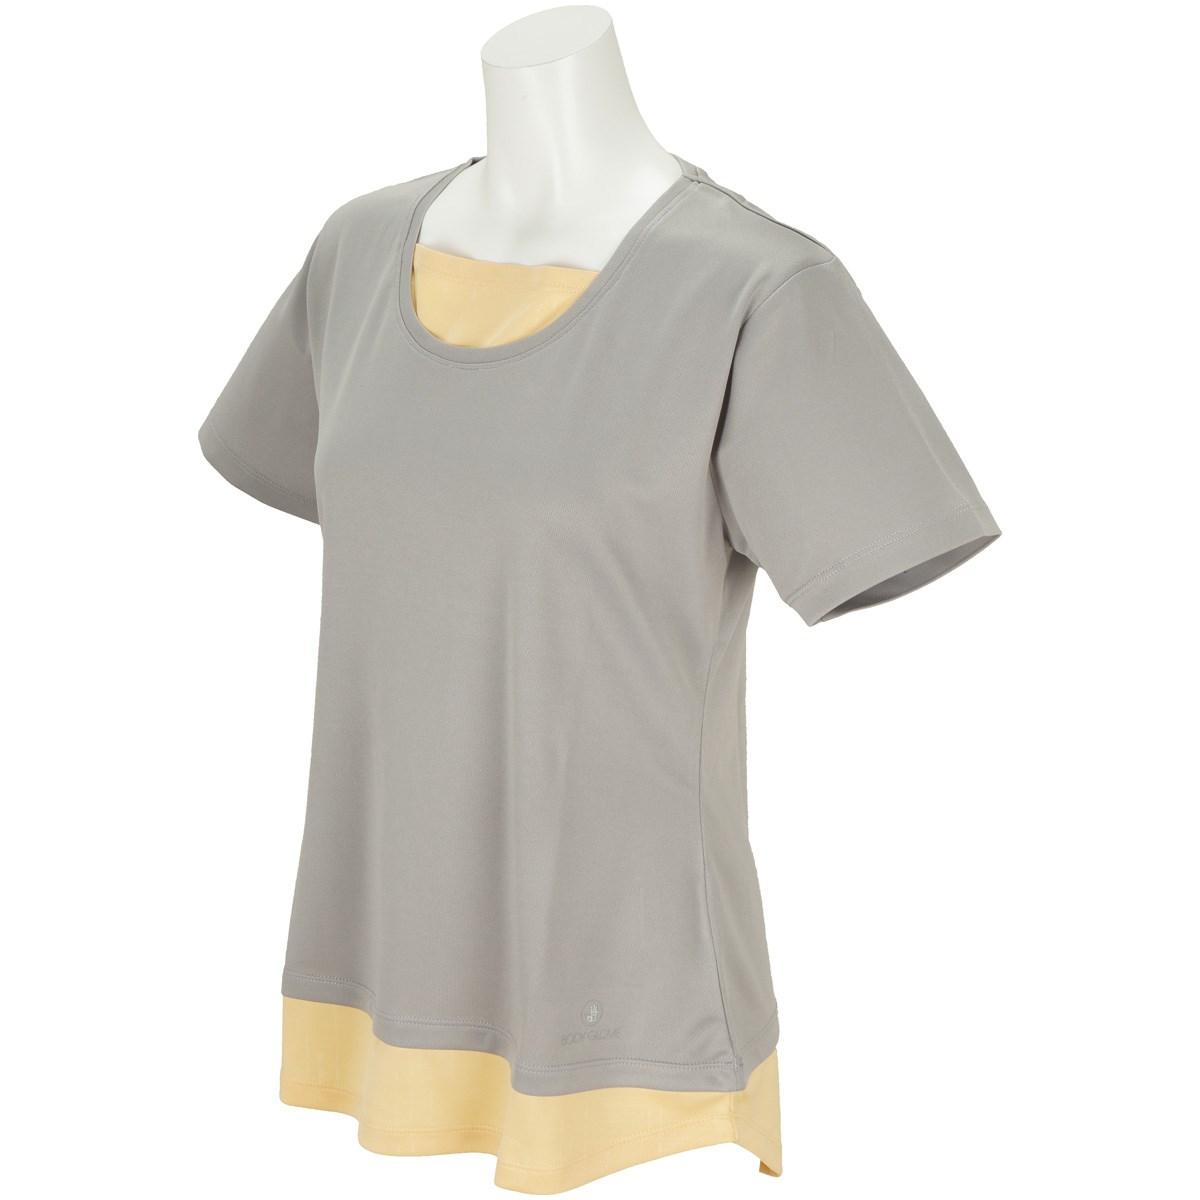 ボディグローブ BODY GLOBE フェイクレイヤード半袖Tシャツ M グレー レディス